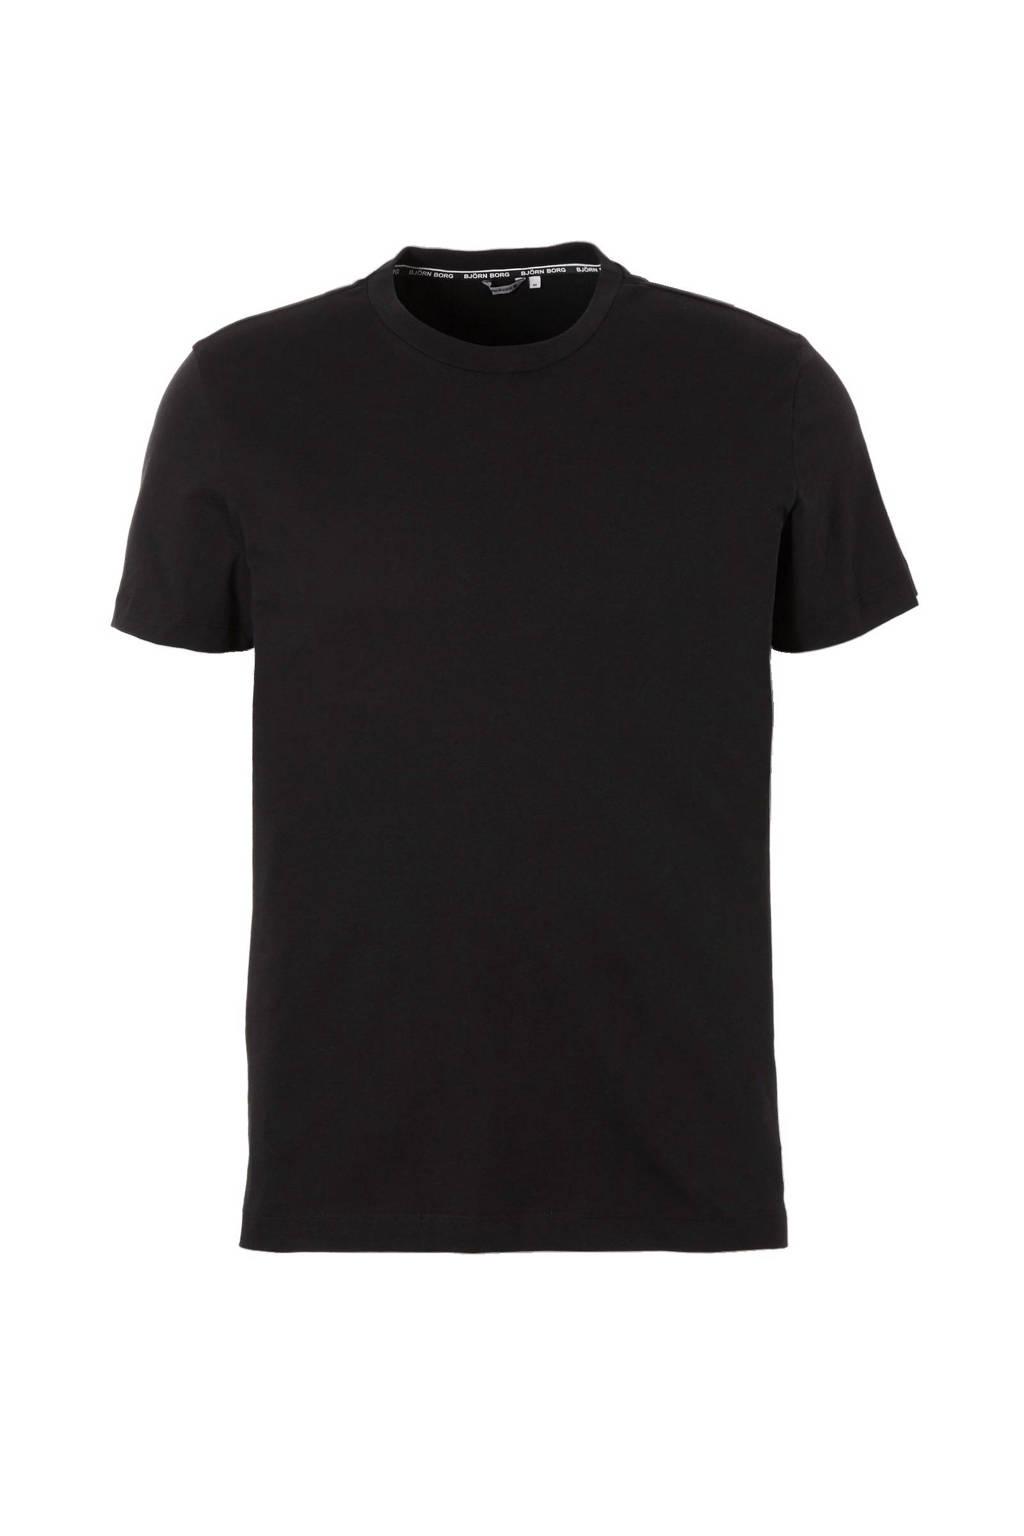 Björn Borg   sport T-shirt, Zwart